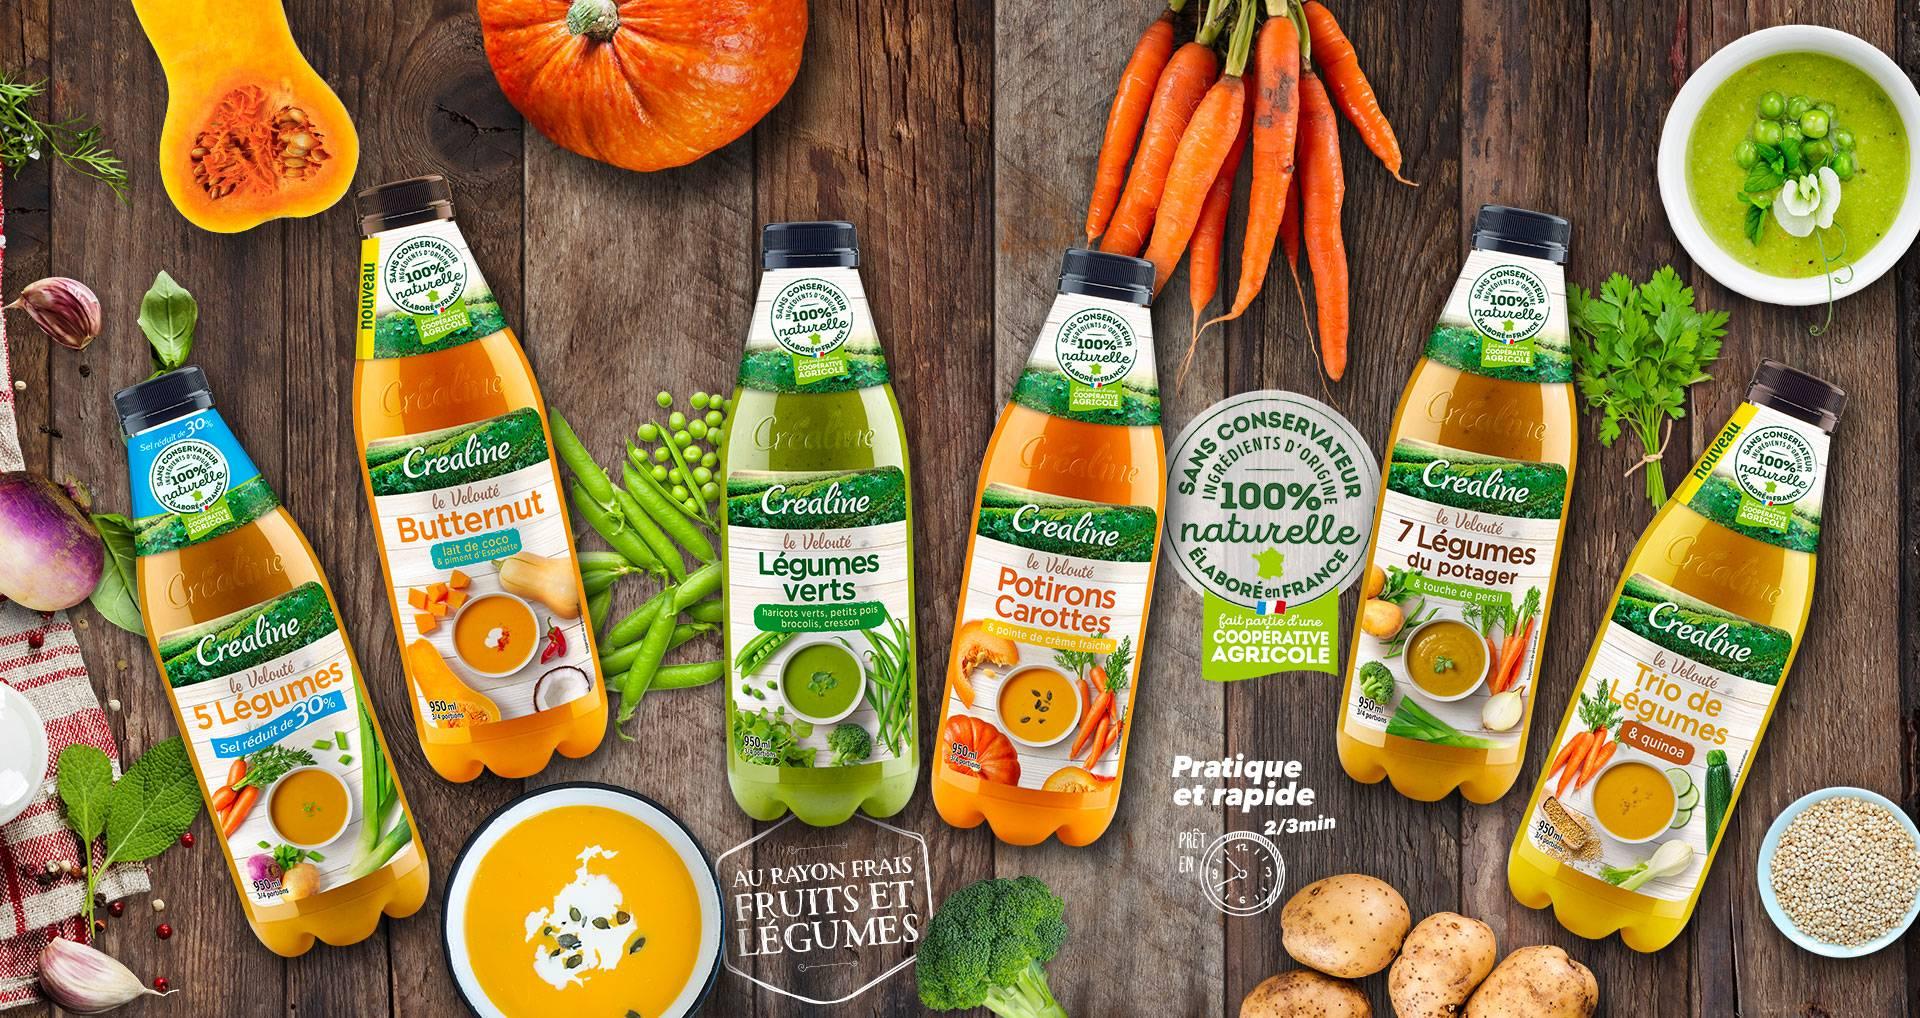 Les soupes et veloutés de légumes de saison par Créaline : de délicieuses soupes au rayon frais